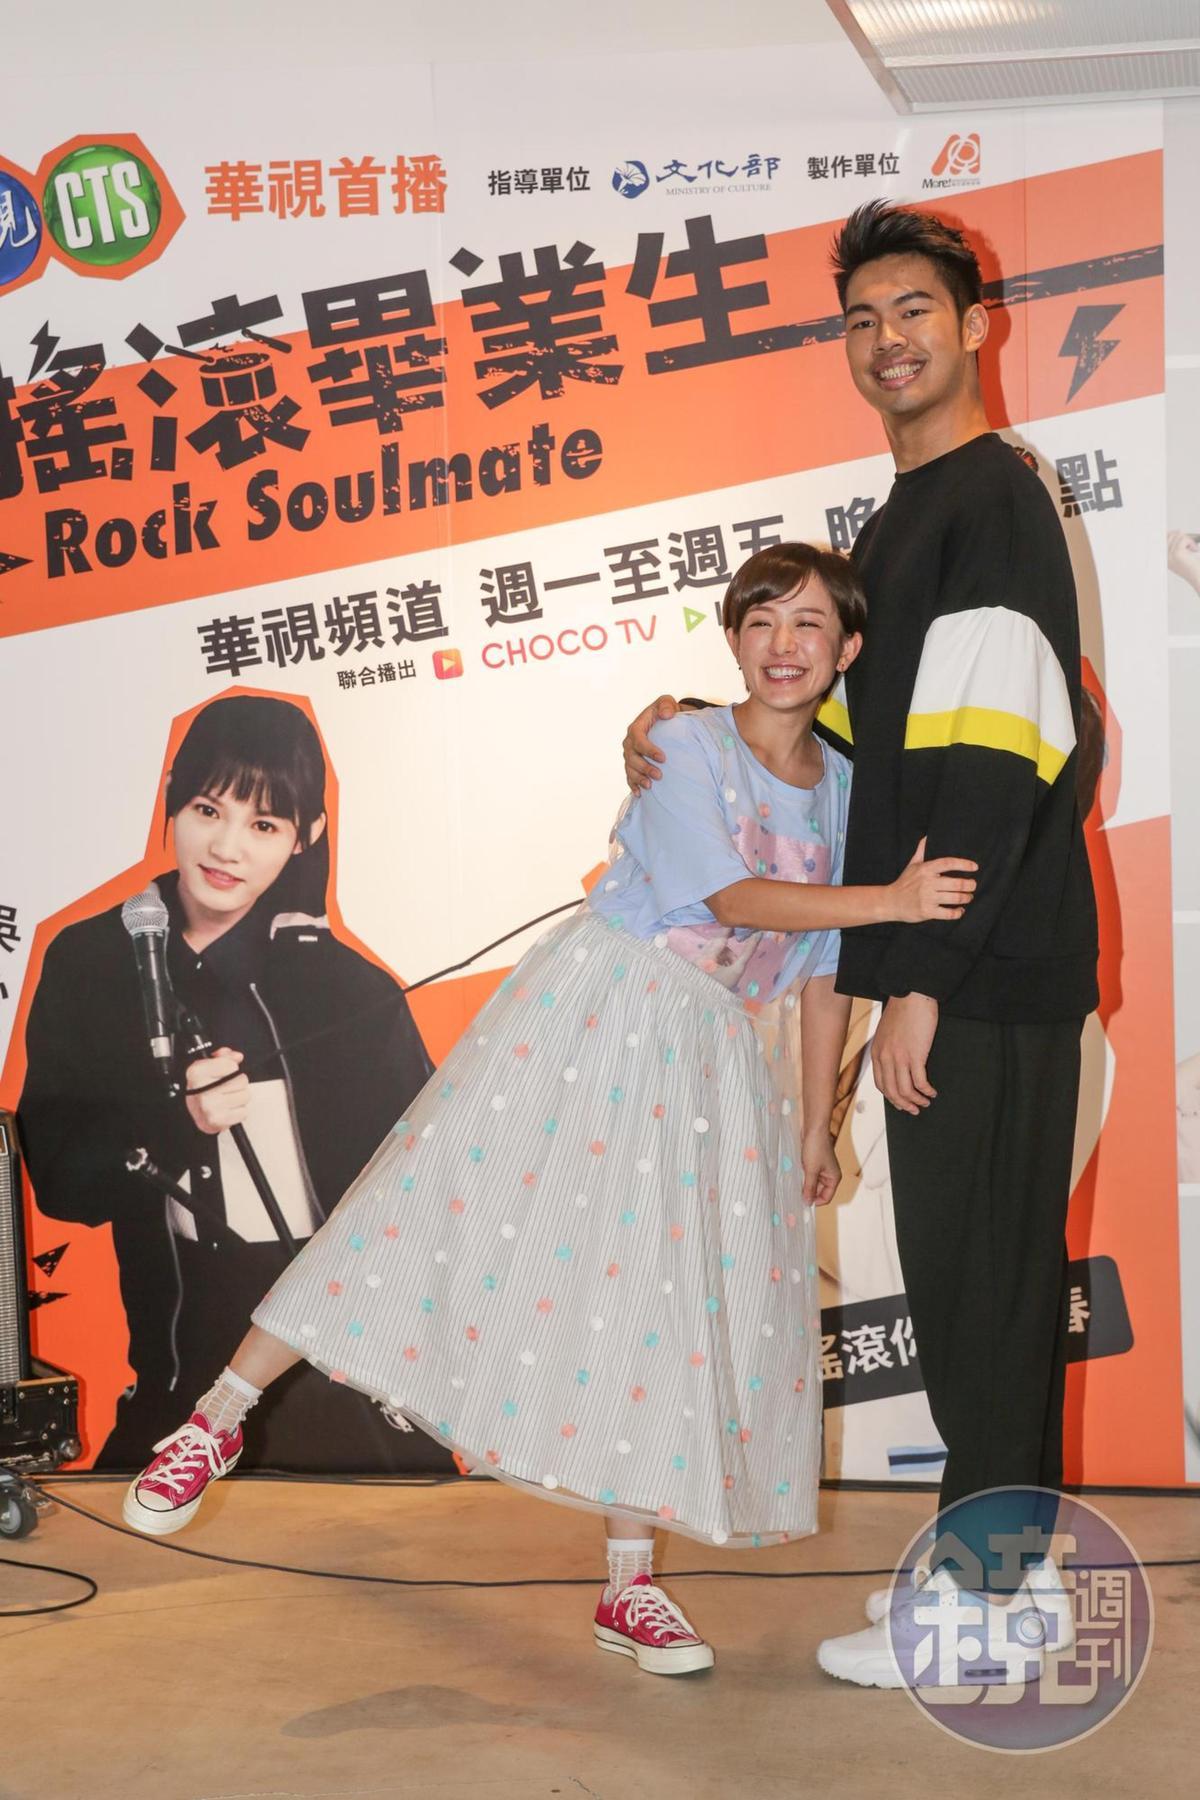 陳大天與林彥君兩人配對,是可愛的長短腳之戀。